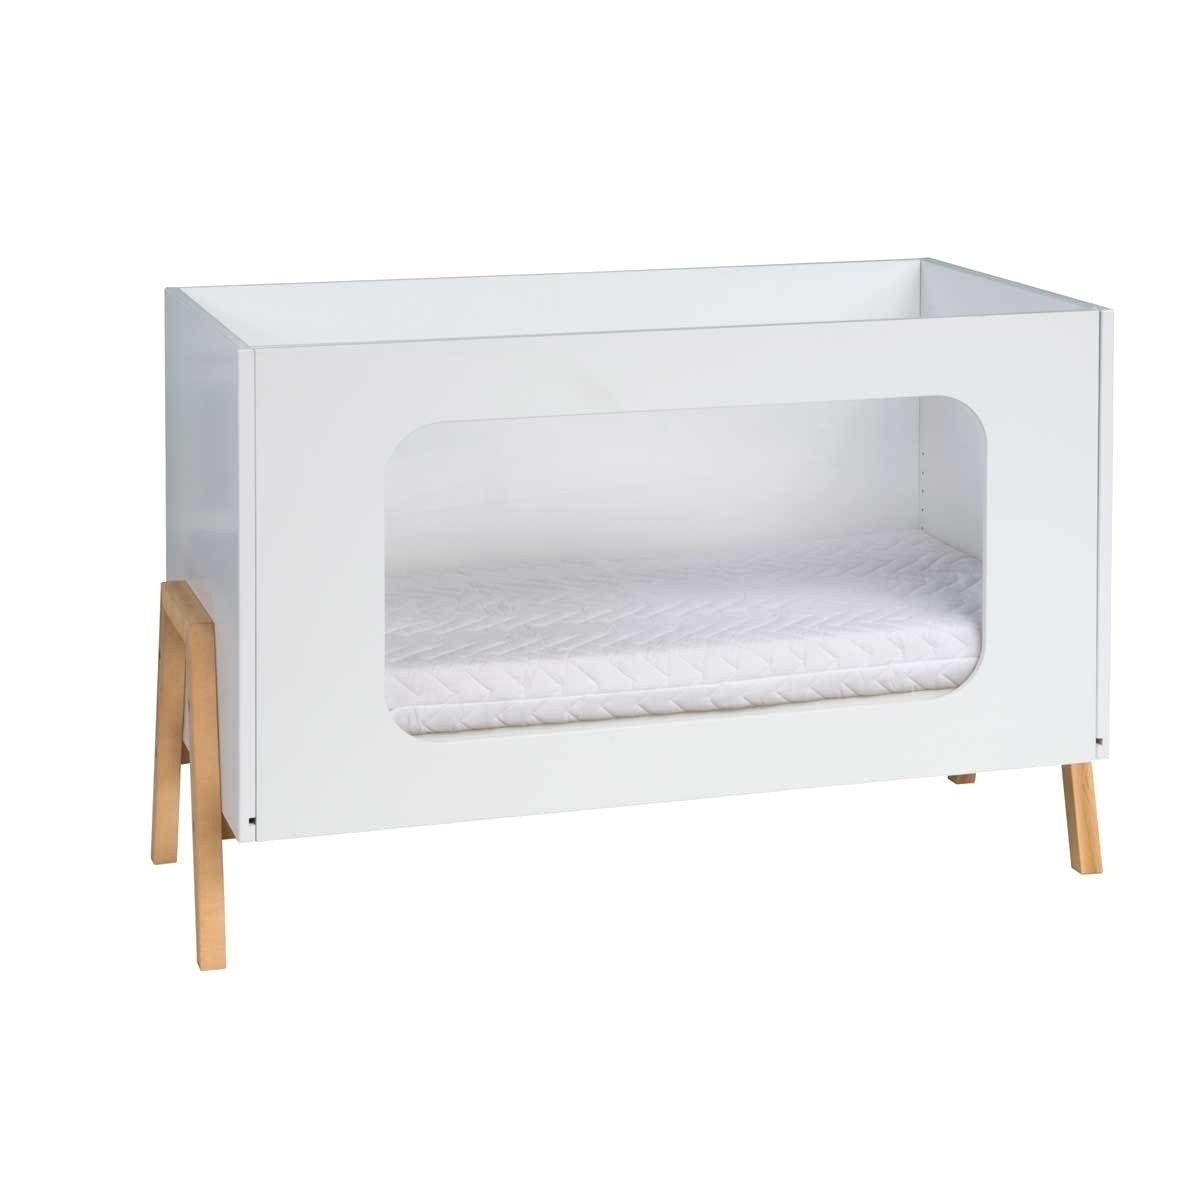 Ikea Lits Superposés Inspiré Lit En Pin Ikea